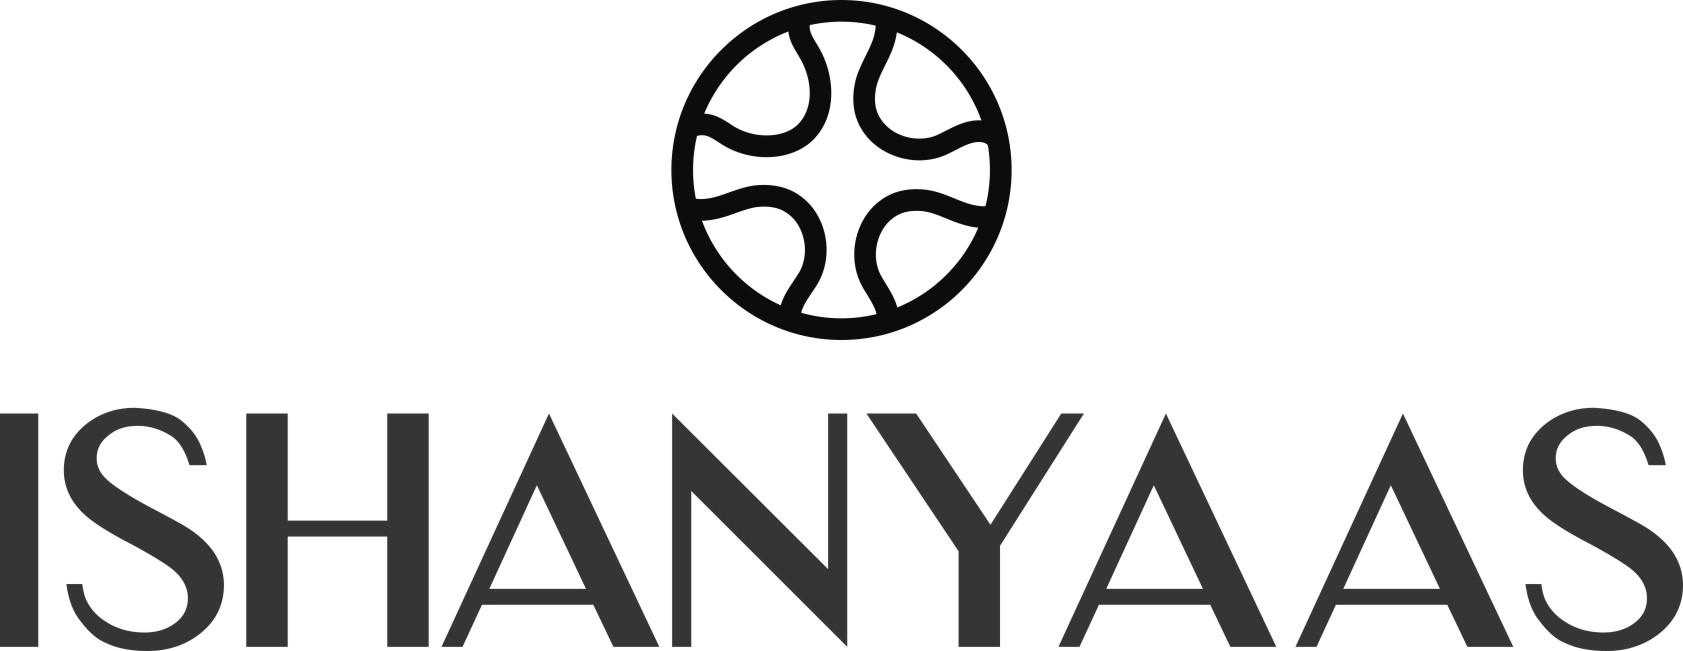 ISHANYAAS logo